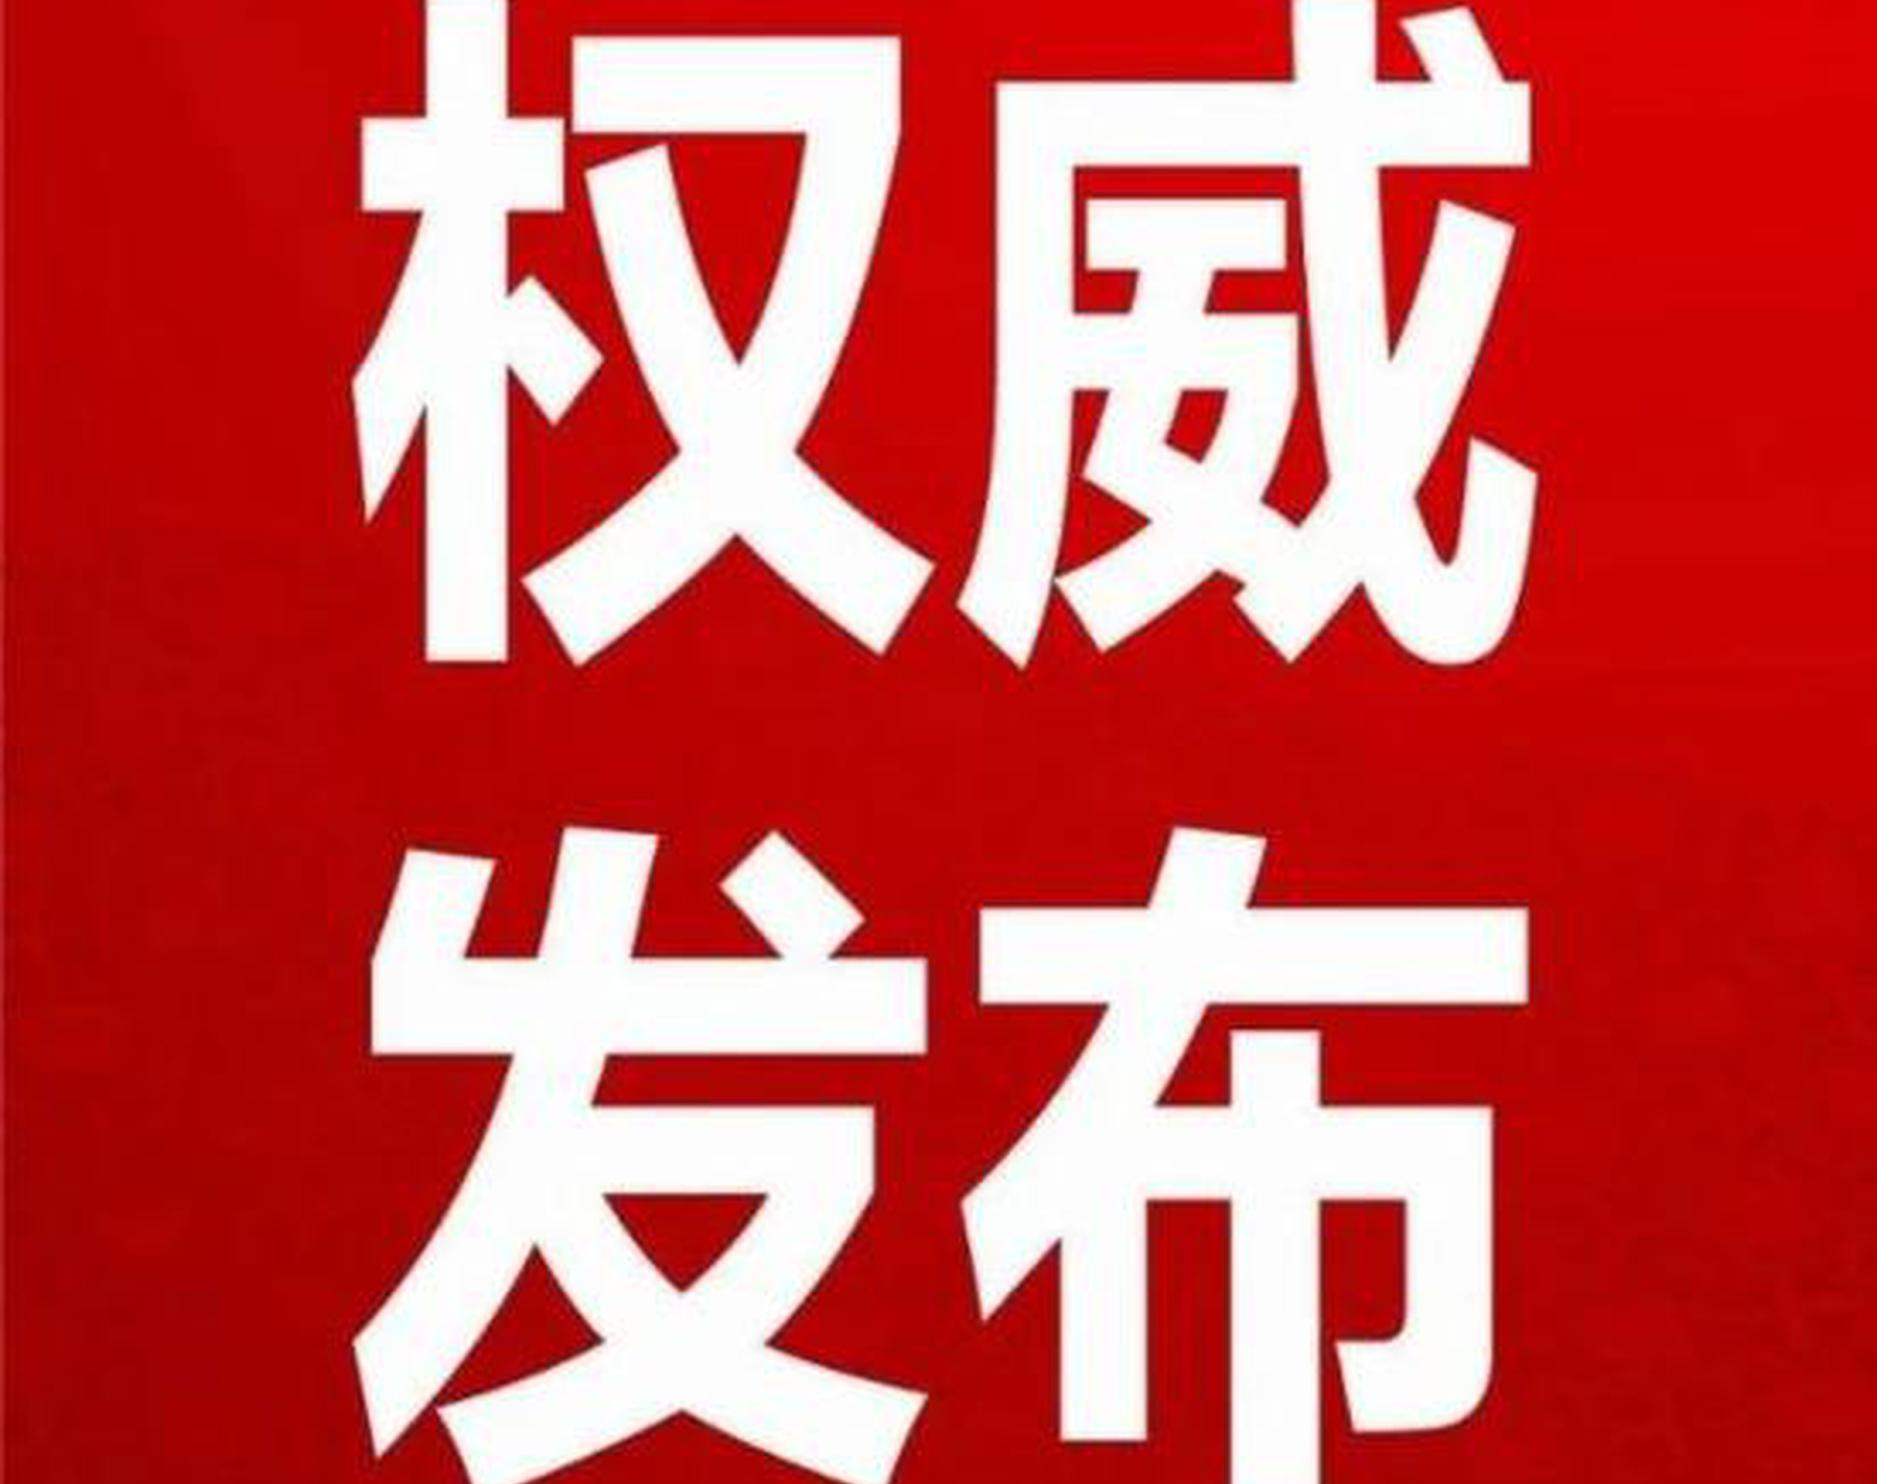 崇左市任命两名副市长 广西多地发布一批人事信息